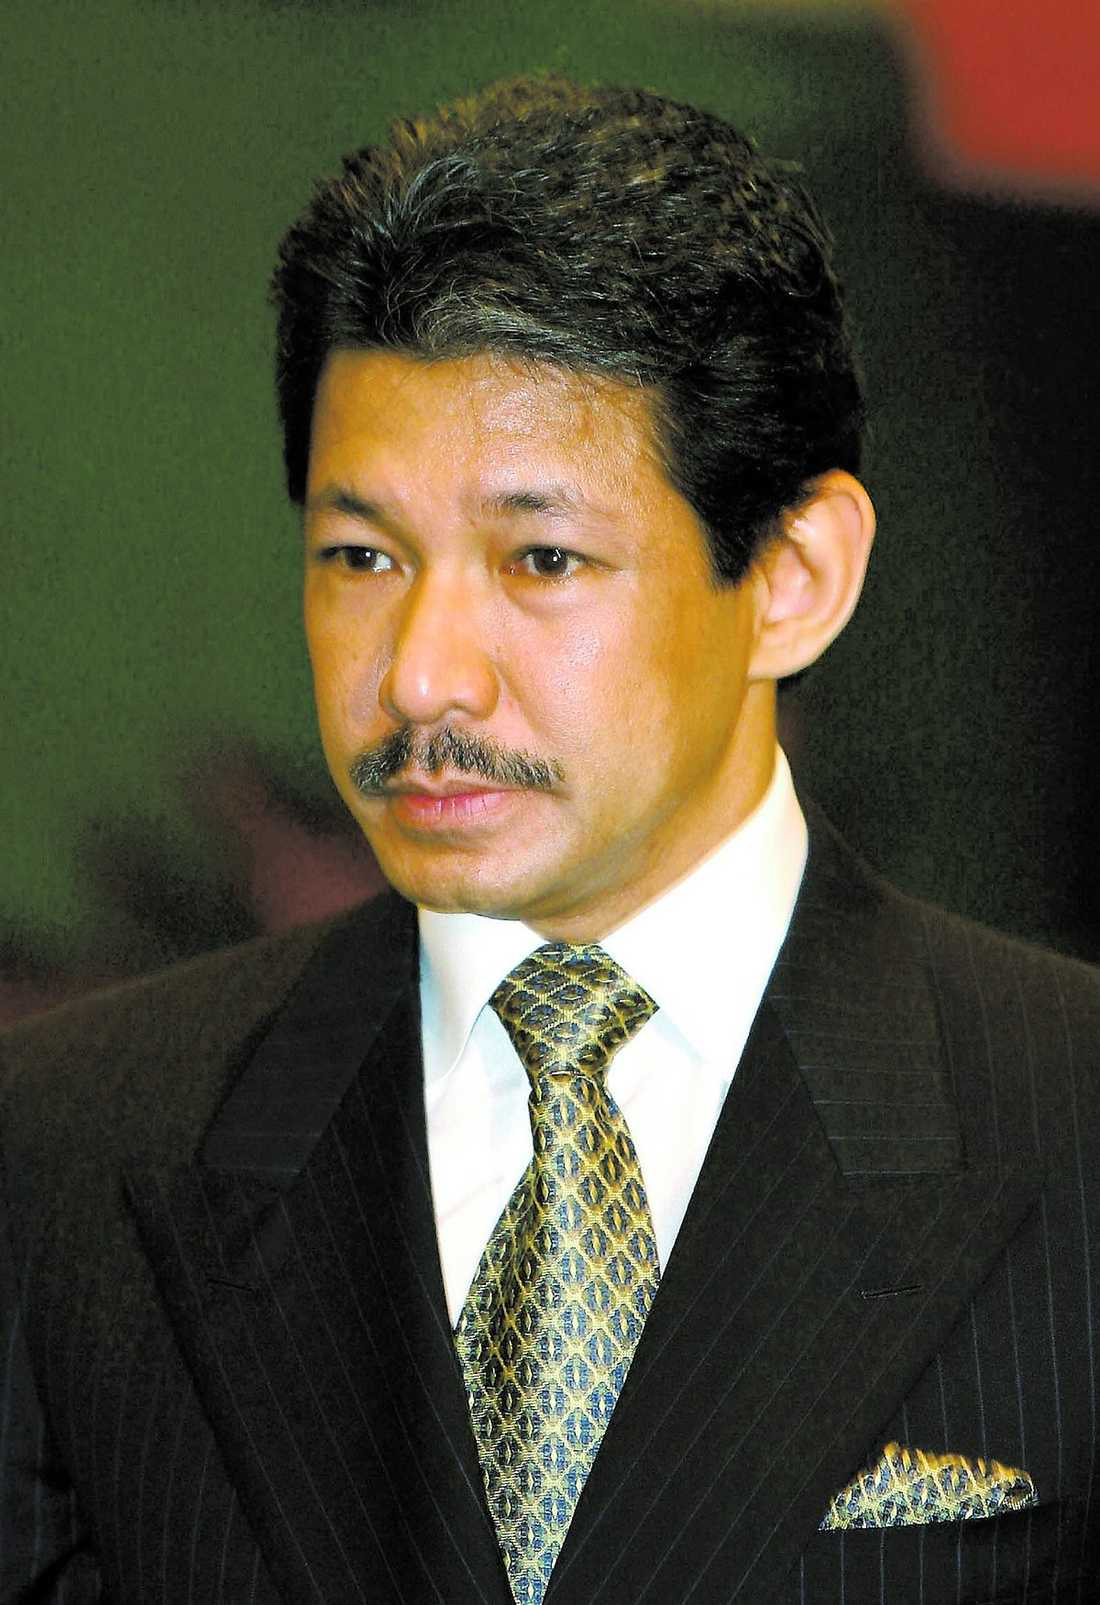 slösaktig Prins Jefris sätt att hantera pengar gör att Bruneis regering inte tycker synd om honom.